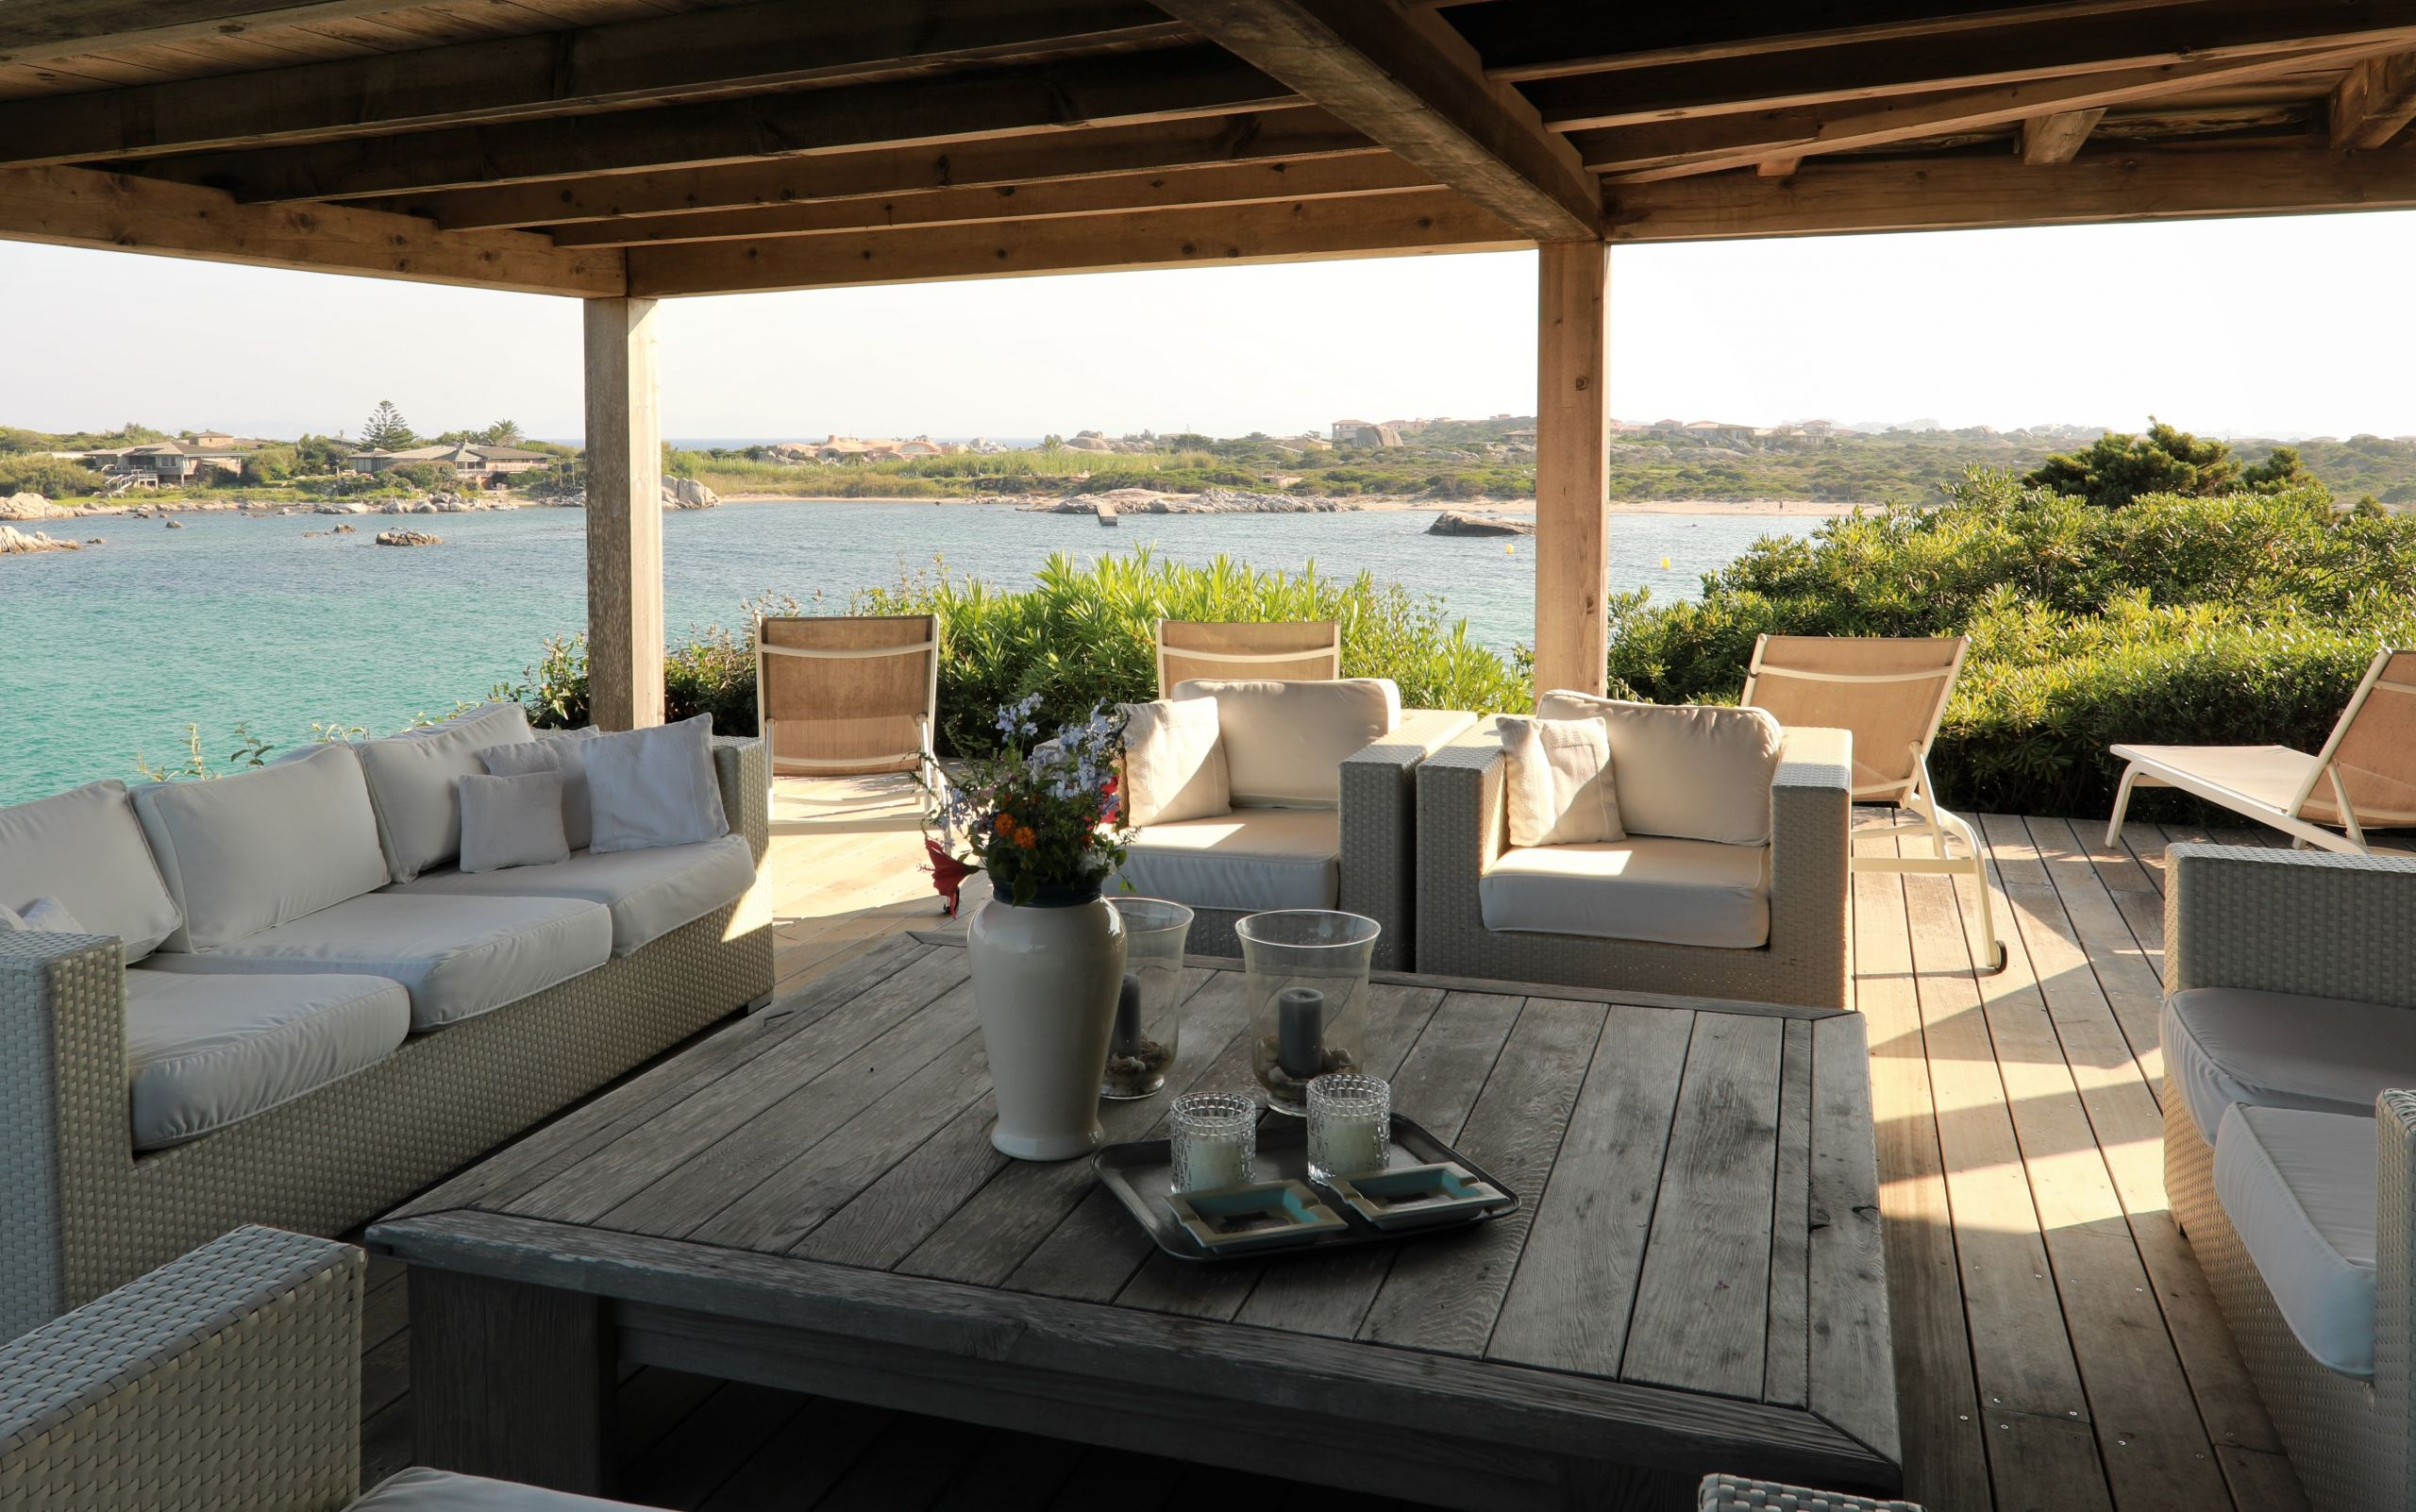 villa-zeri-bay-nord-view2